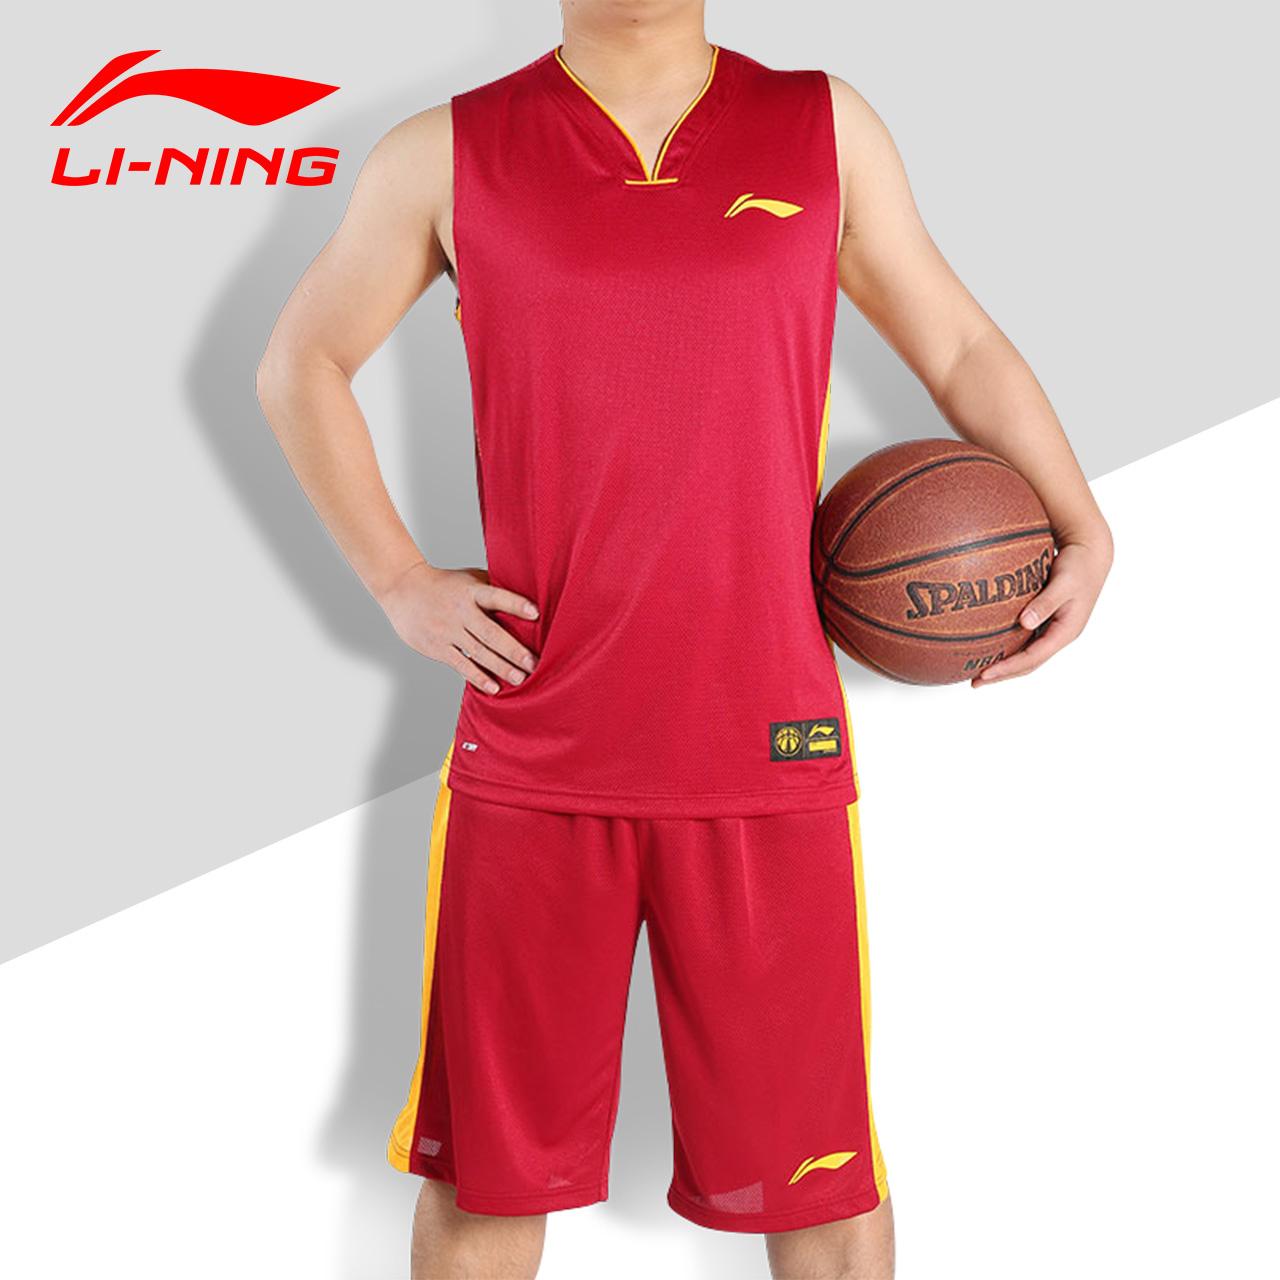 tout neuf ab5b1 89824 China Li Ning Basketball, China Li Ning Basketball Shopping ...